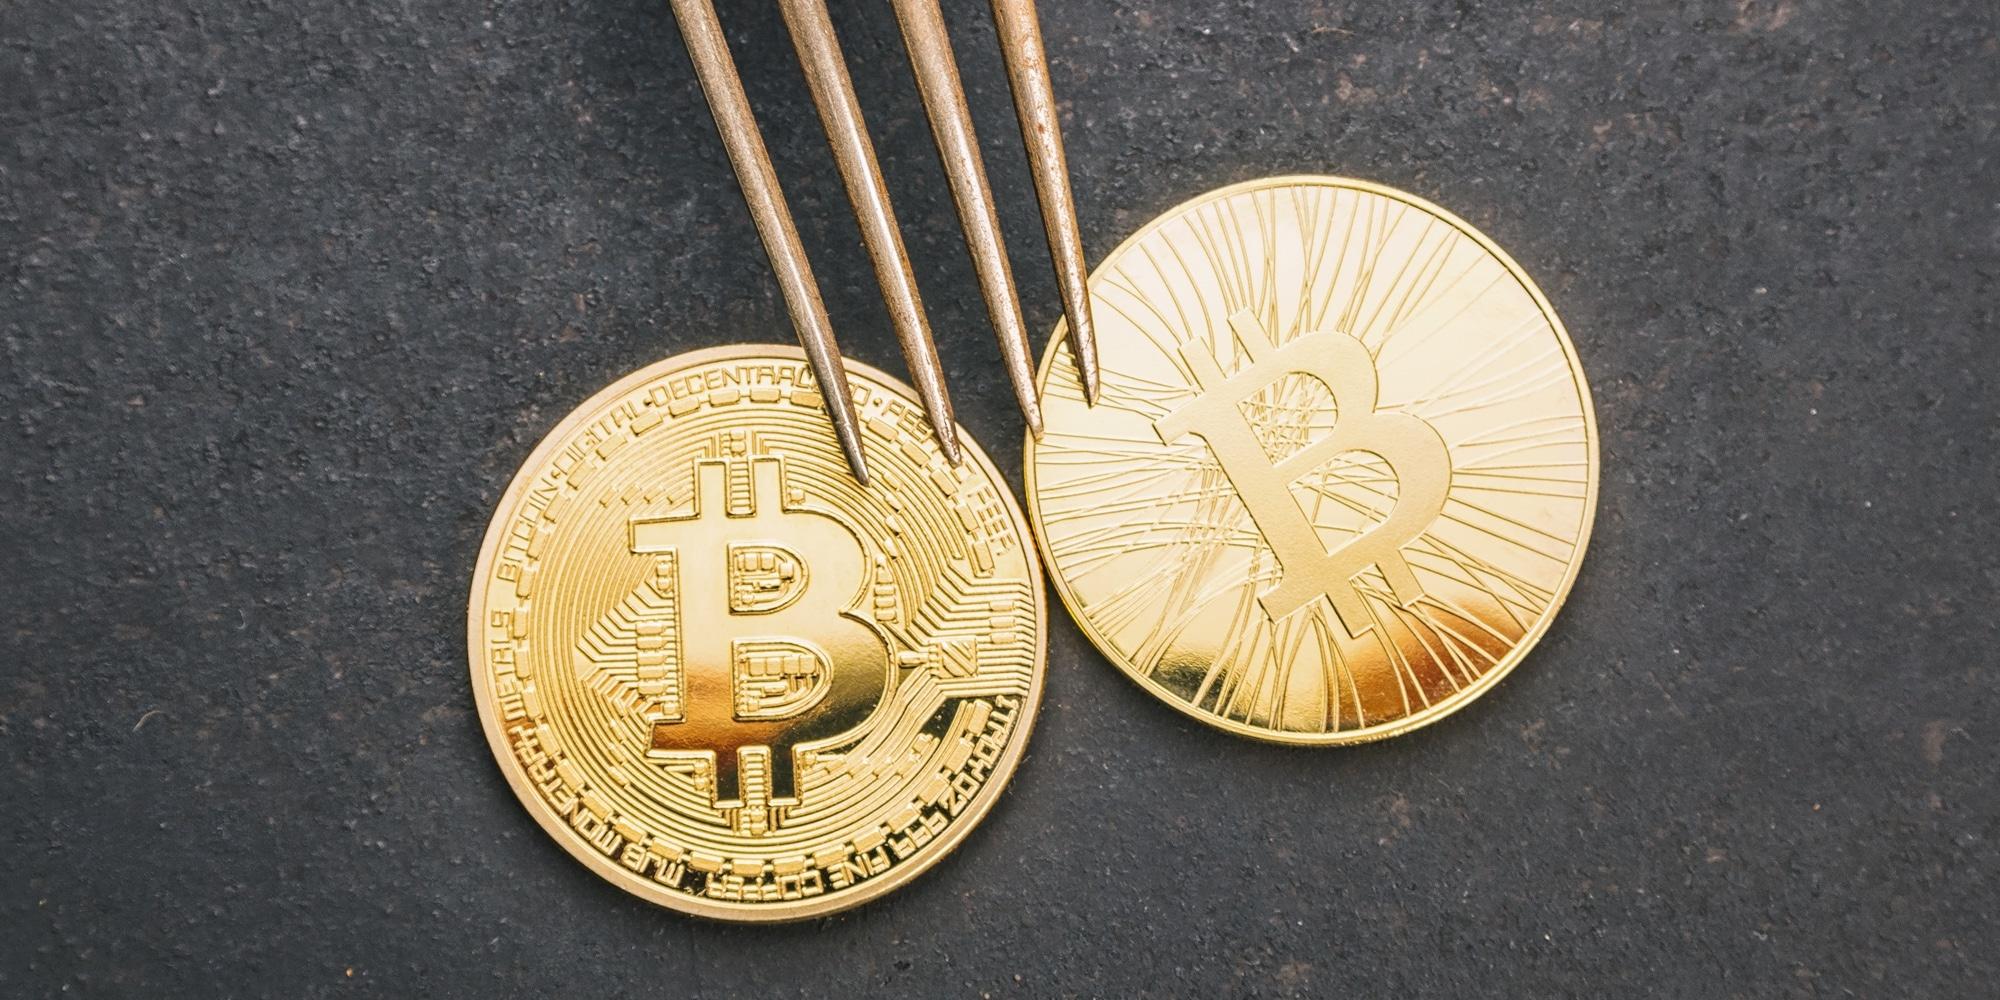 نمو التشككات في مجتمع العملات الرقمية بشأن انقسامات البيتكوين